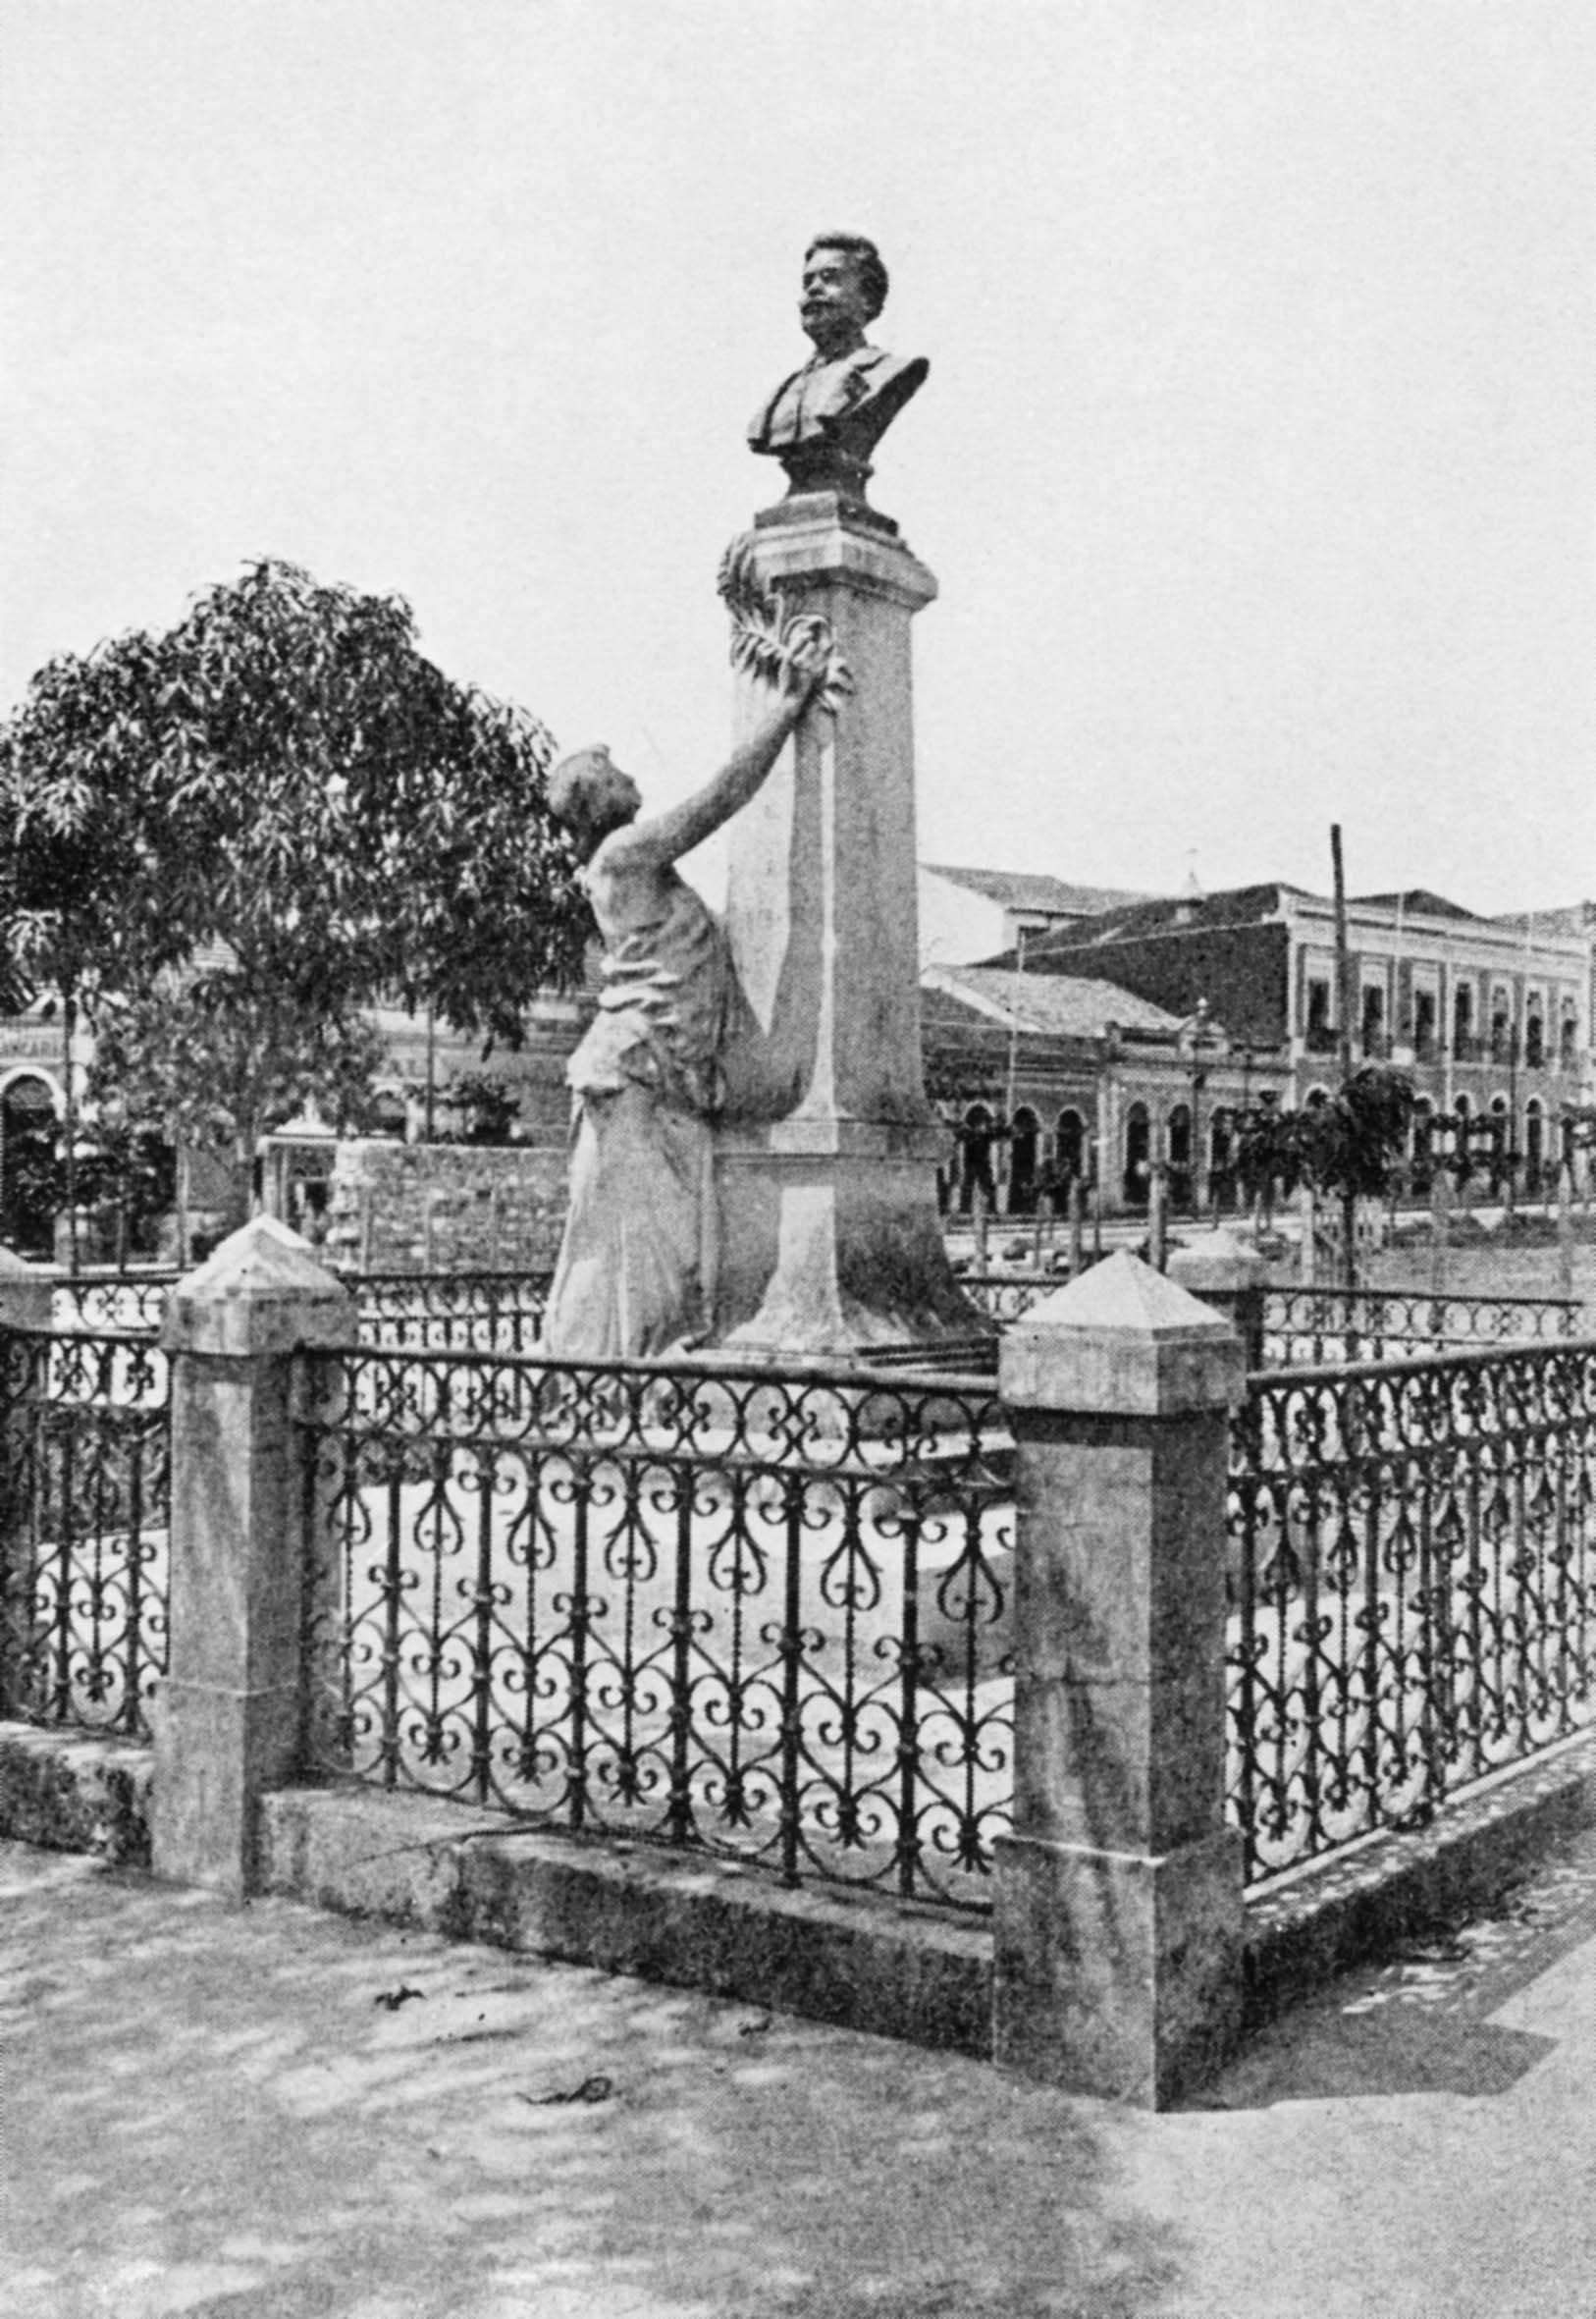 Durango Duarte - Monumento a Sant'anna Nery